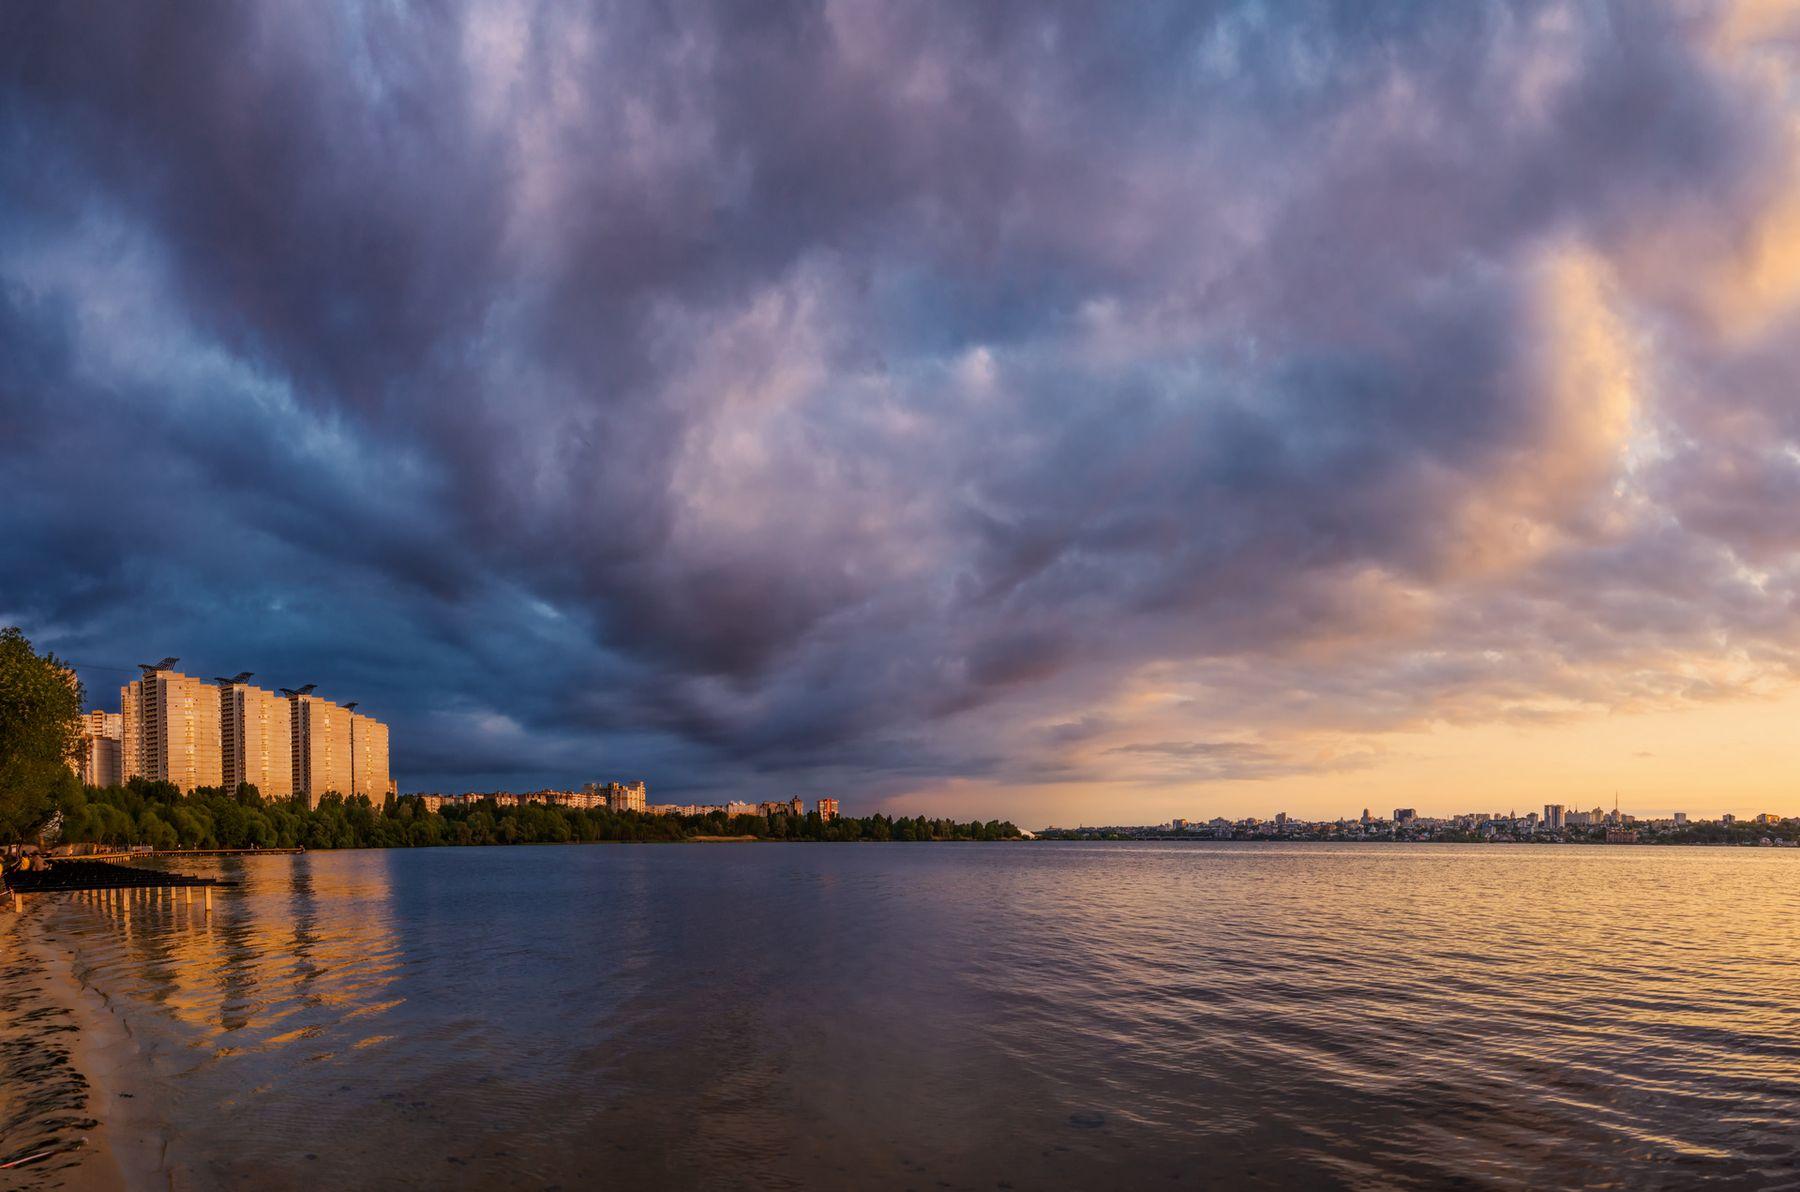 На границе погоды пейзаж природа весна вечер закат Воронеж водохранилище Дельфин облака парк